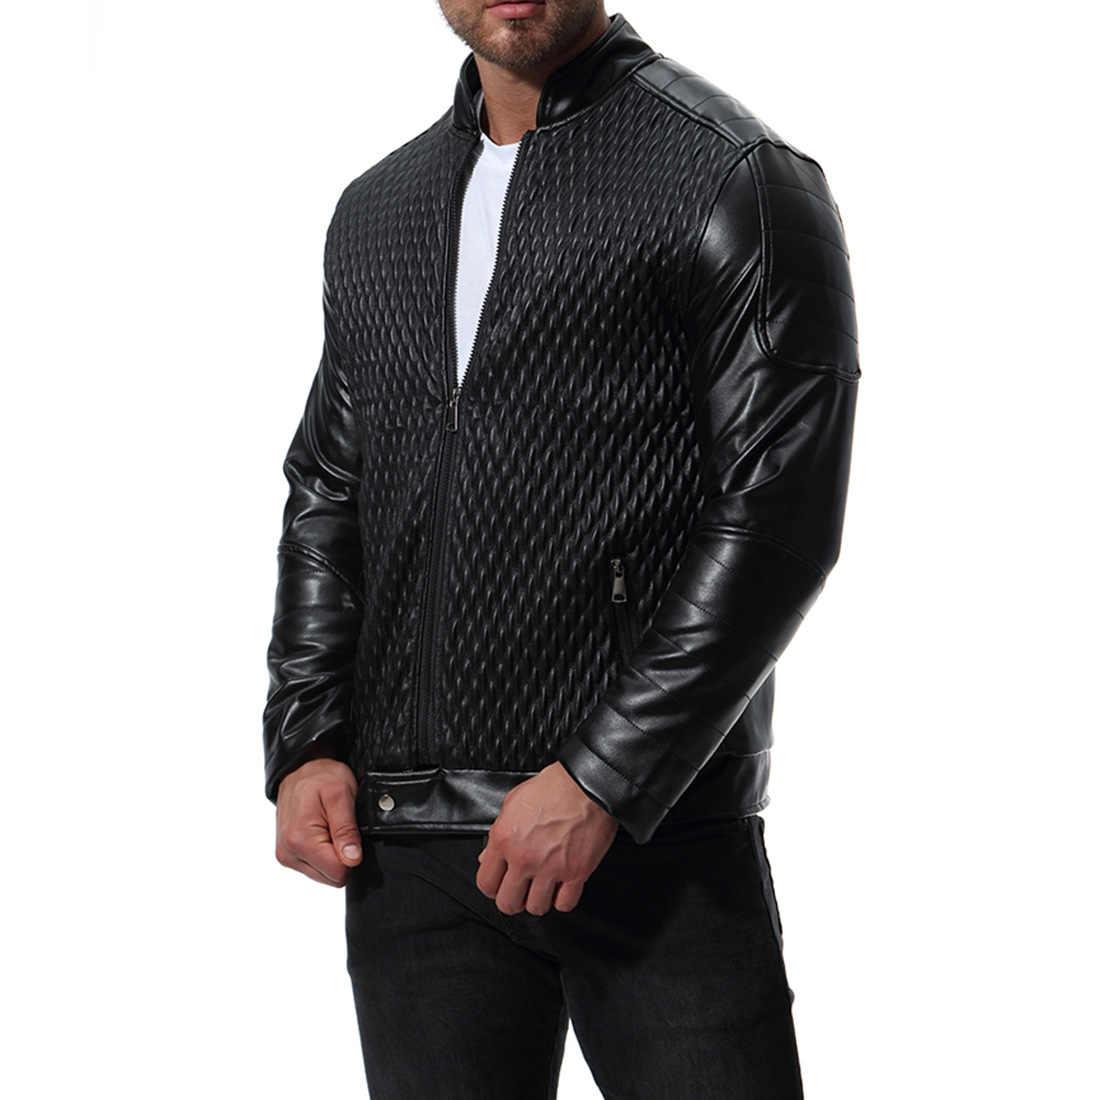 AKSR 男性のファッションカジュアル革ジャケット長袖無地秋と冬のアウトップス